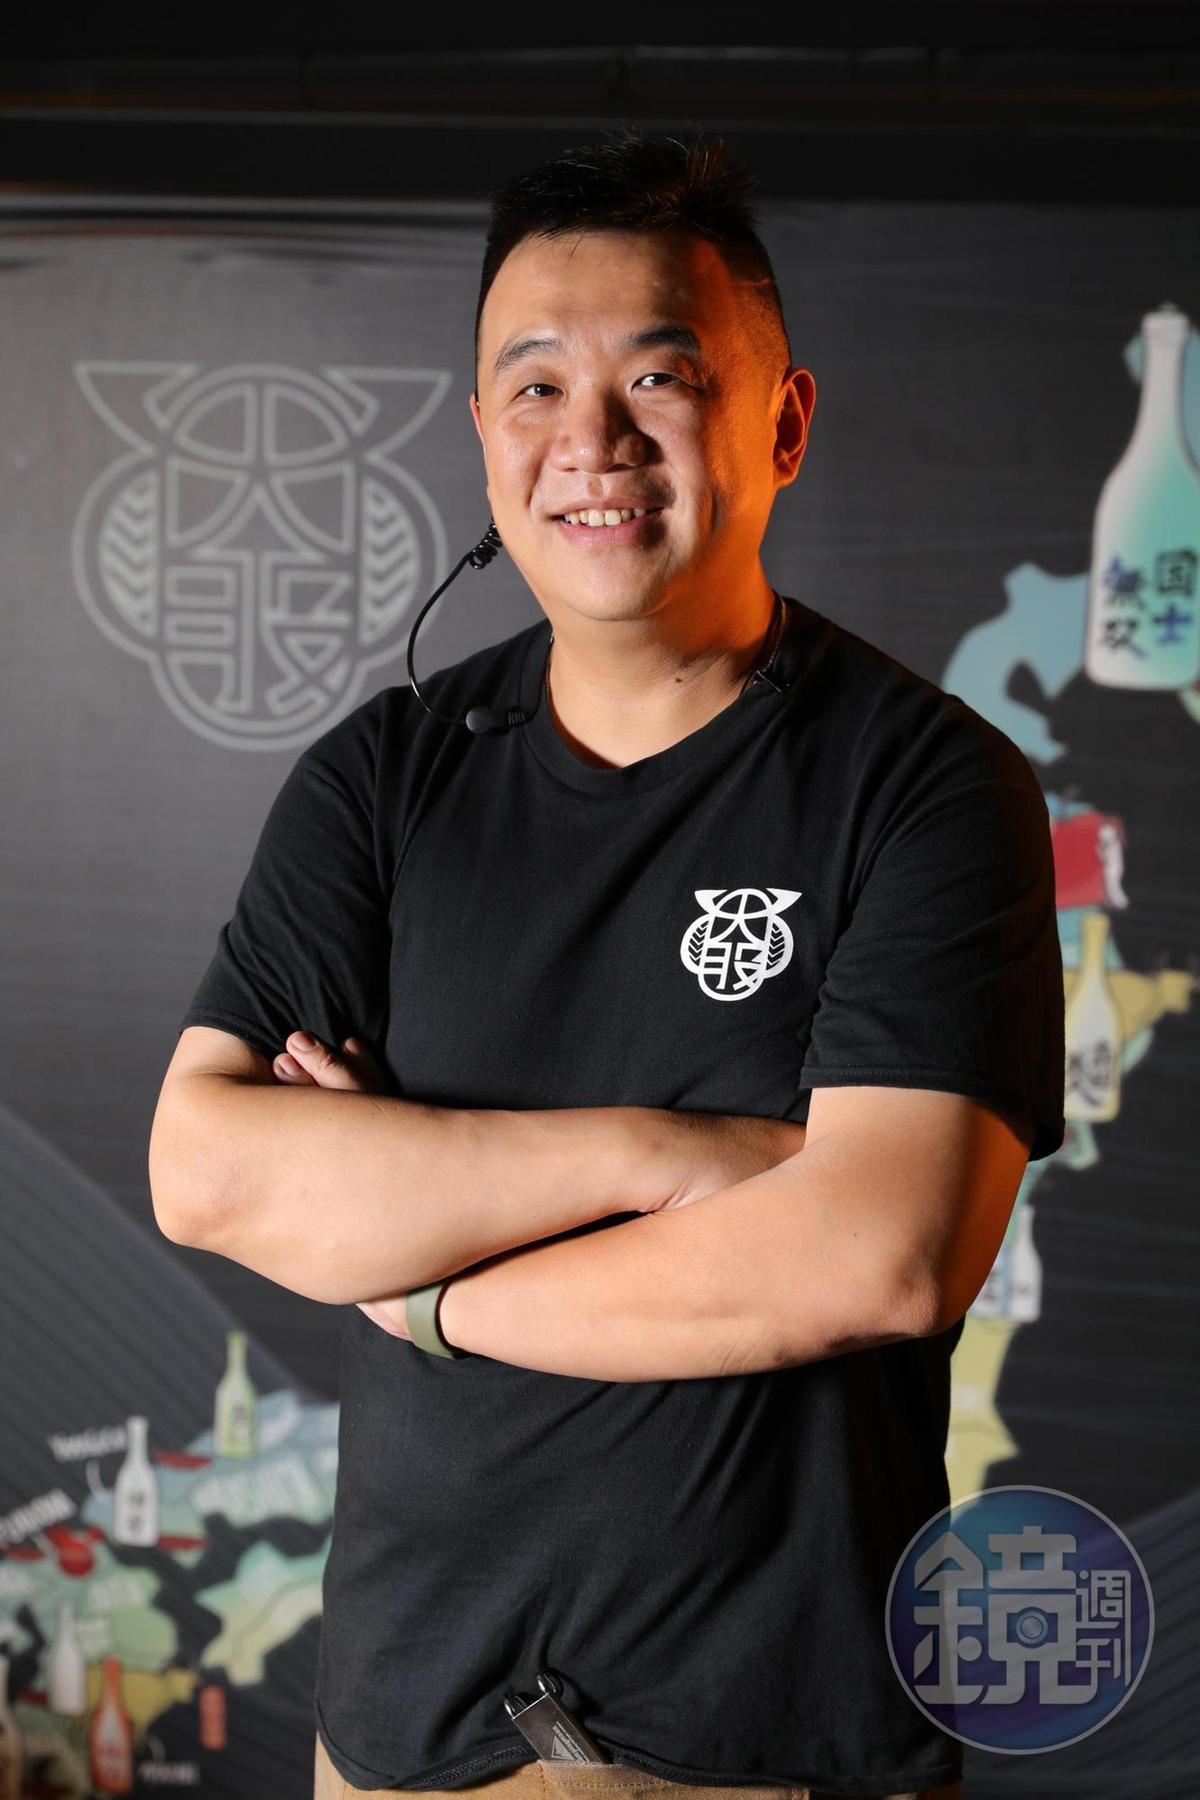 台北忠孝店執行長夏達偉本來從事進出口物流業,看見結合日本酒與燒肉的商機,將品牌引進台北。